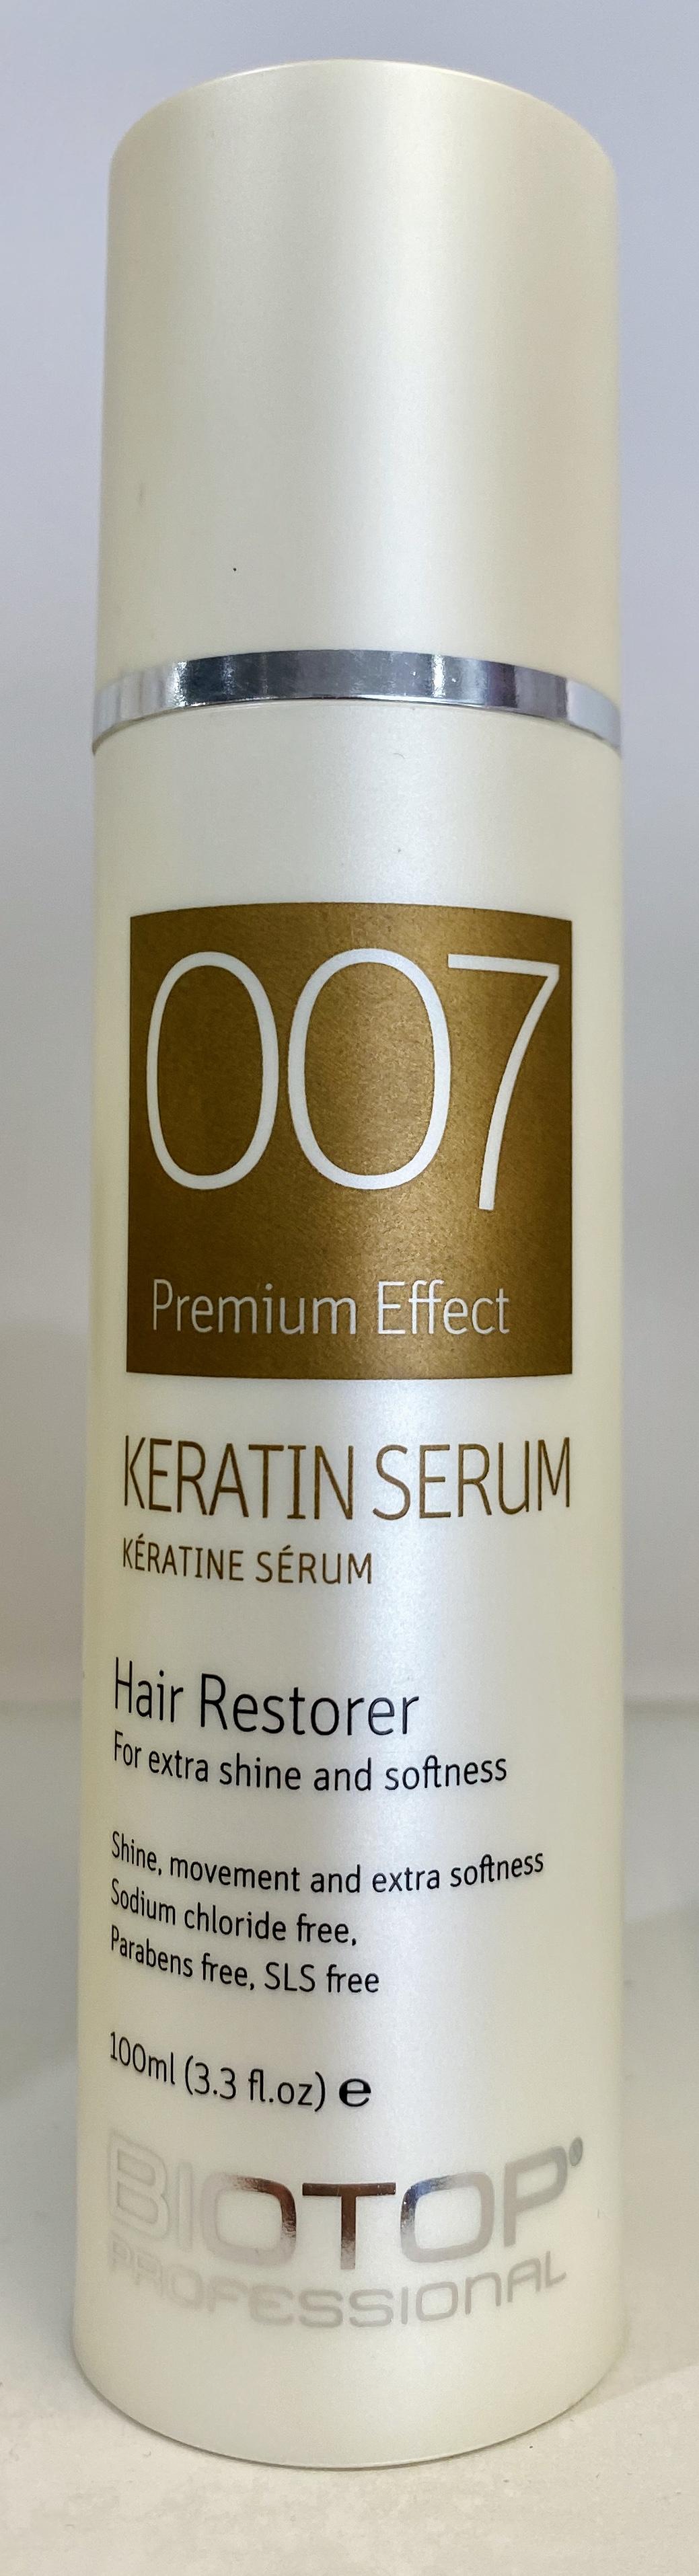 007 Keratin Serum